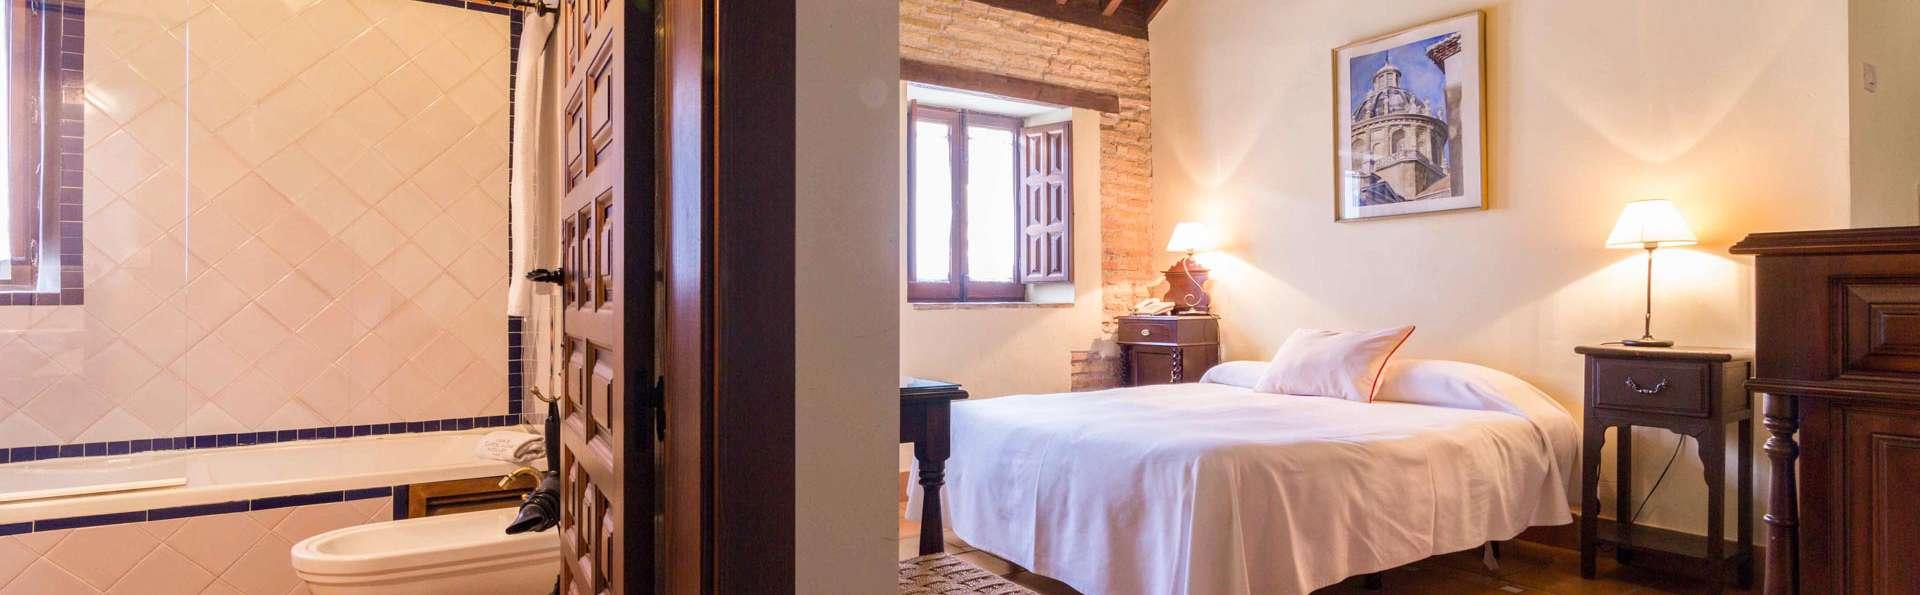 Granada sin aglomeraciones en un pequeño hotel boutique con copa en la habitación